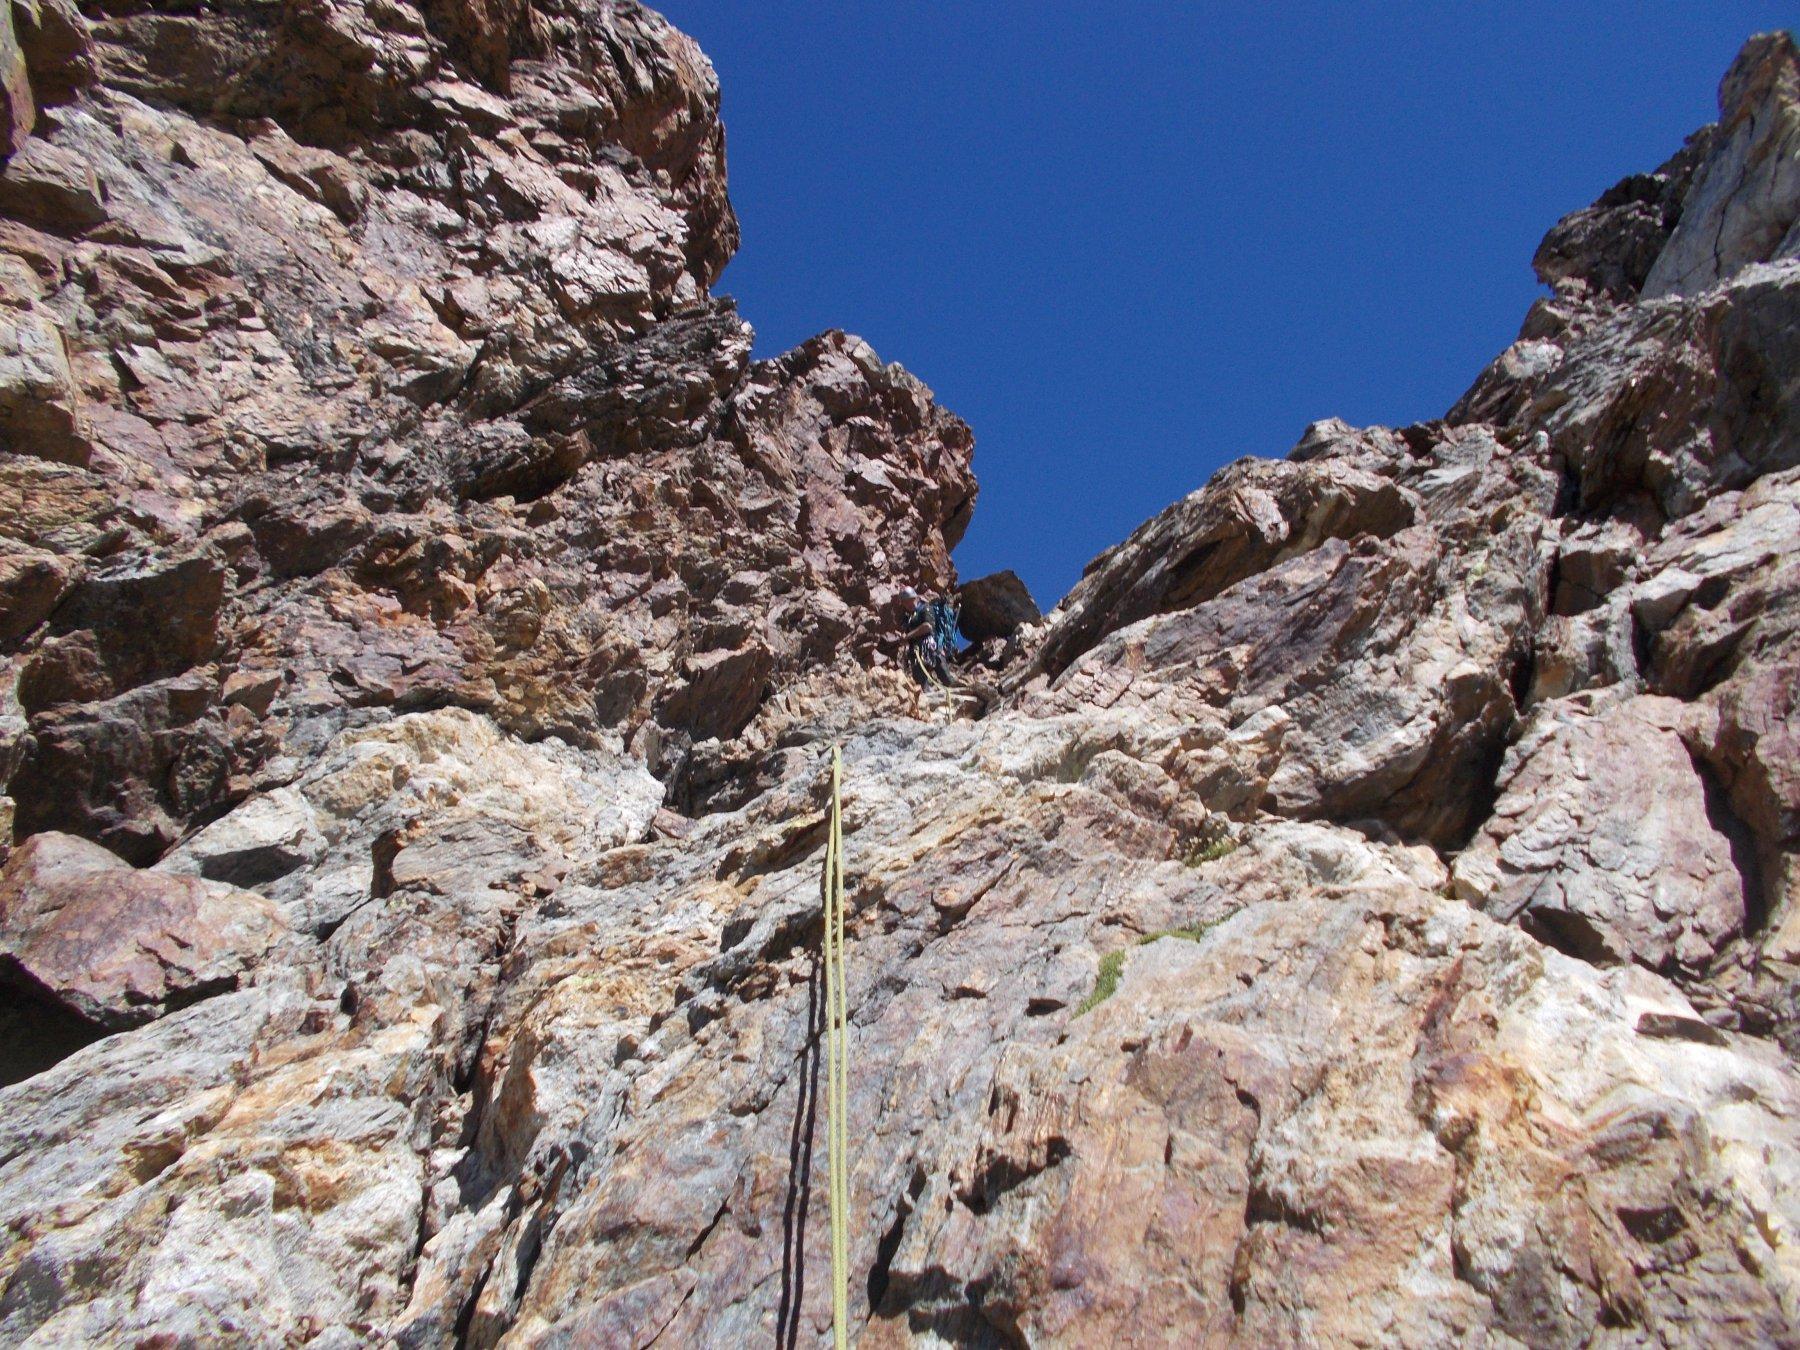 la discesa per la cresta ovest (normale) ancor peggio che la traversata..